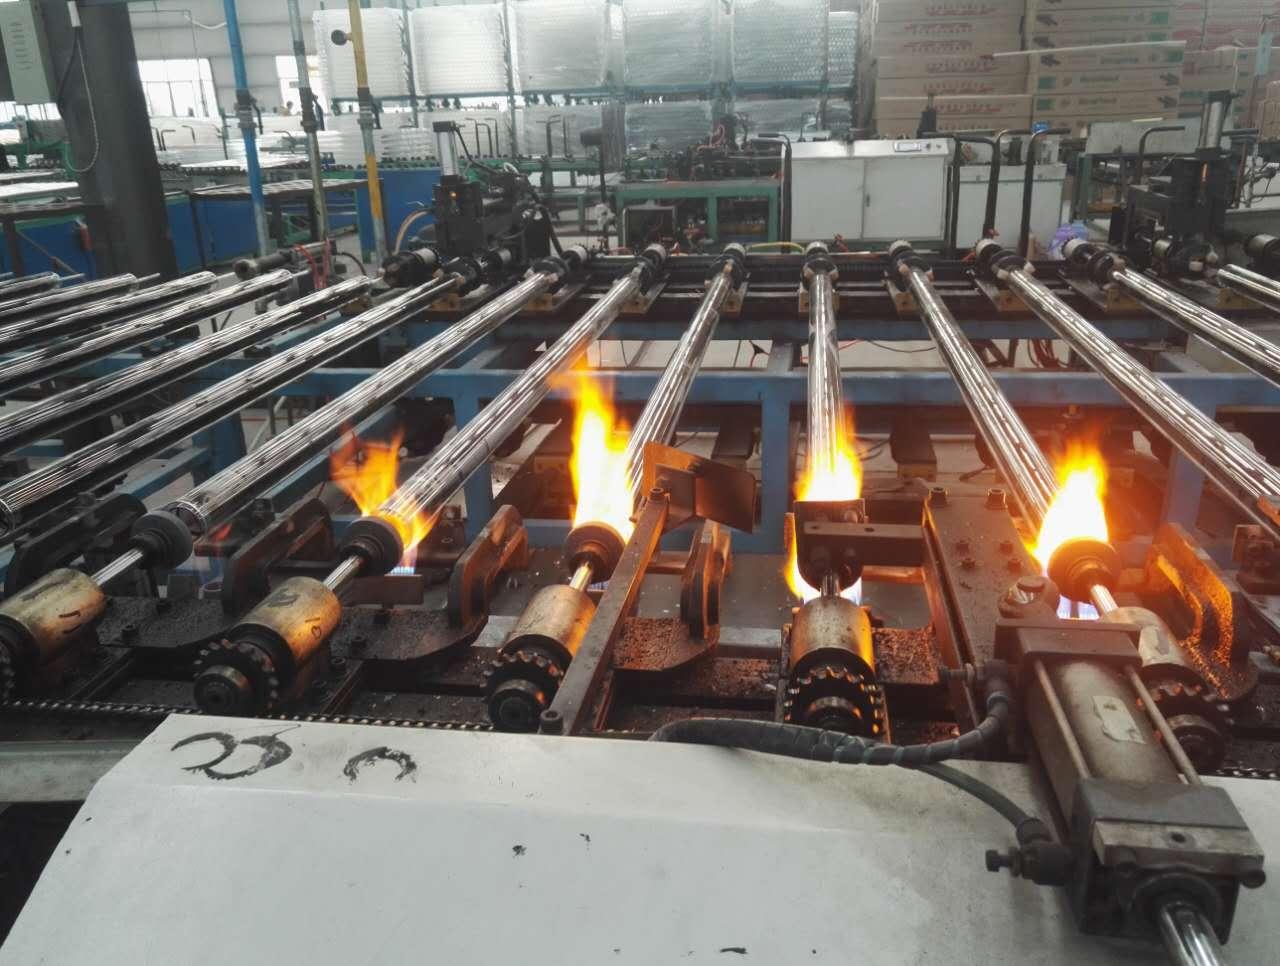 河南省济源市真空管鑫源的品质政策增加膜层附着度集热管吸收效率高鑫源真空管厂家